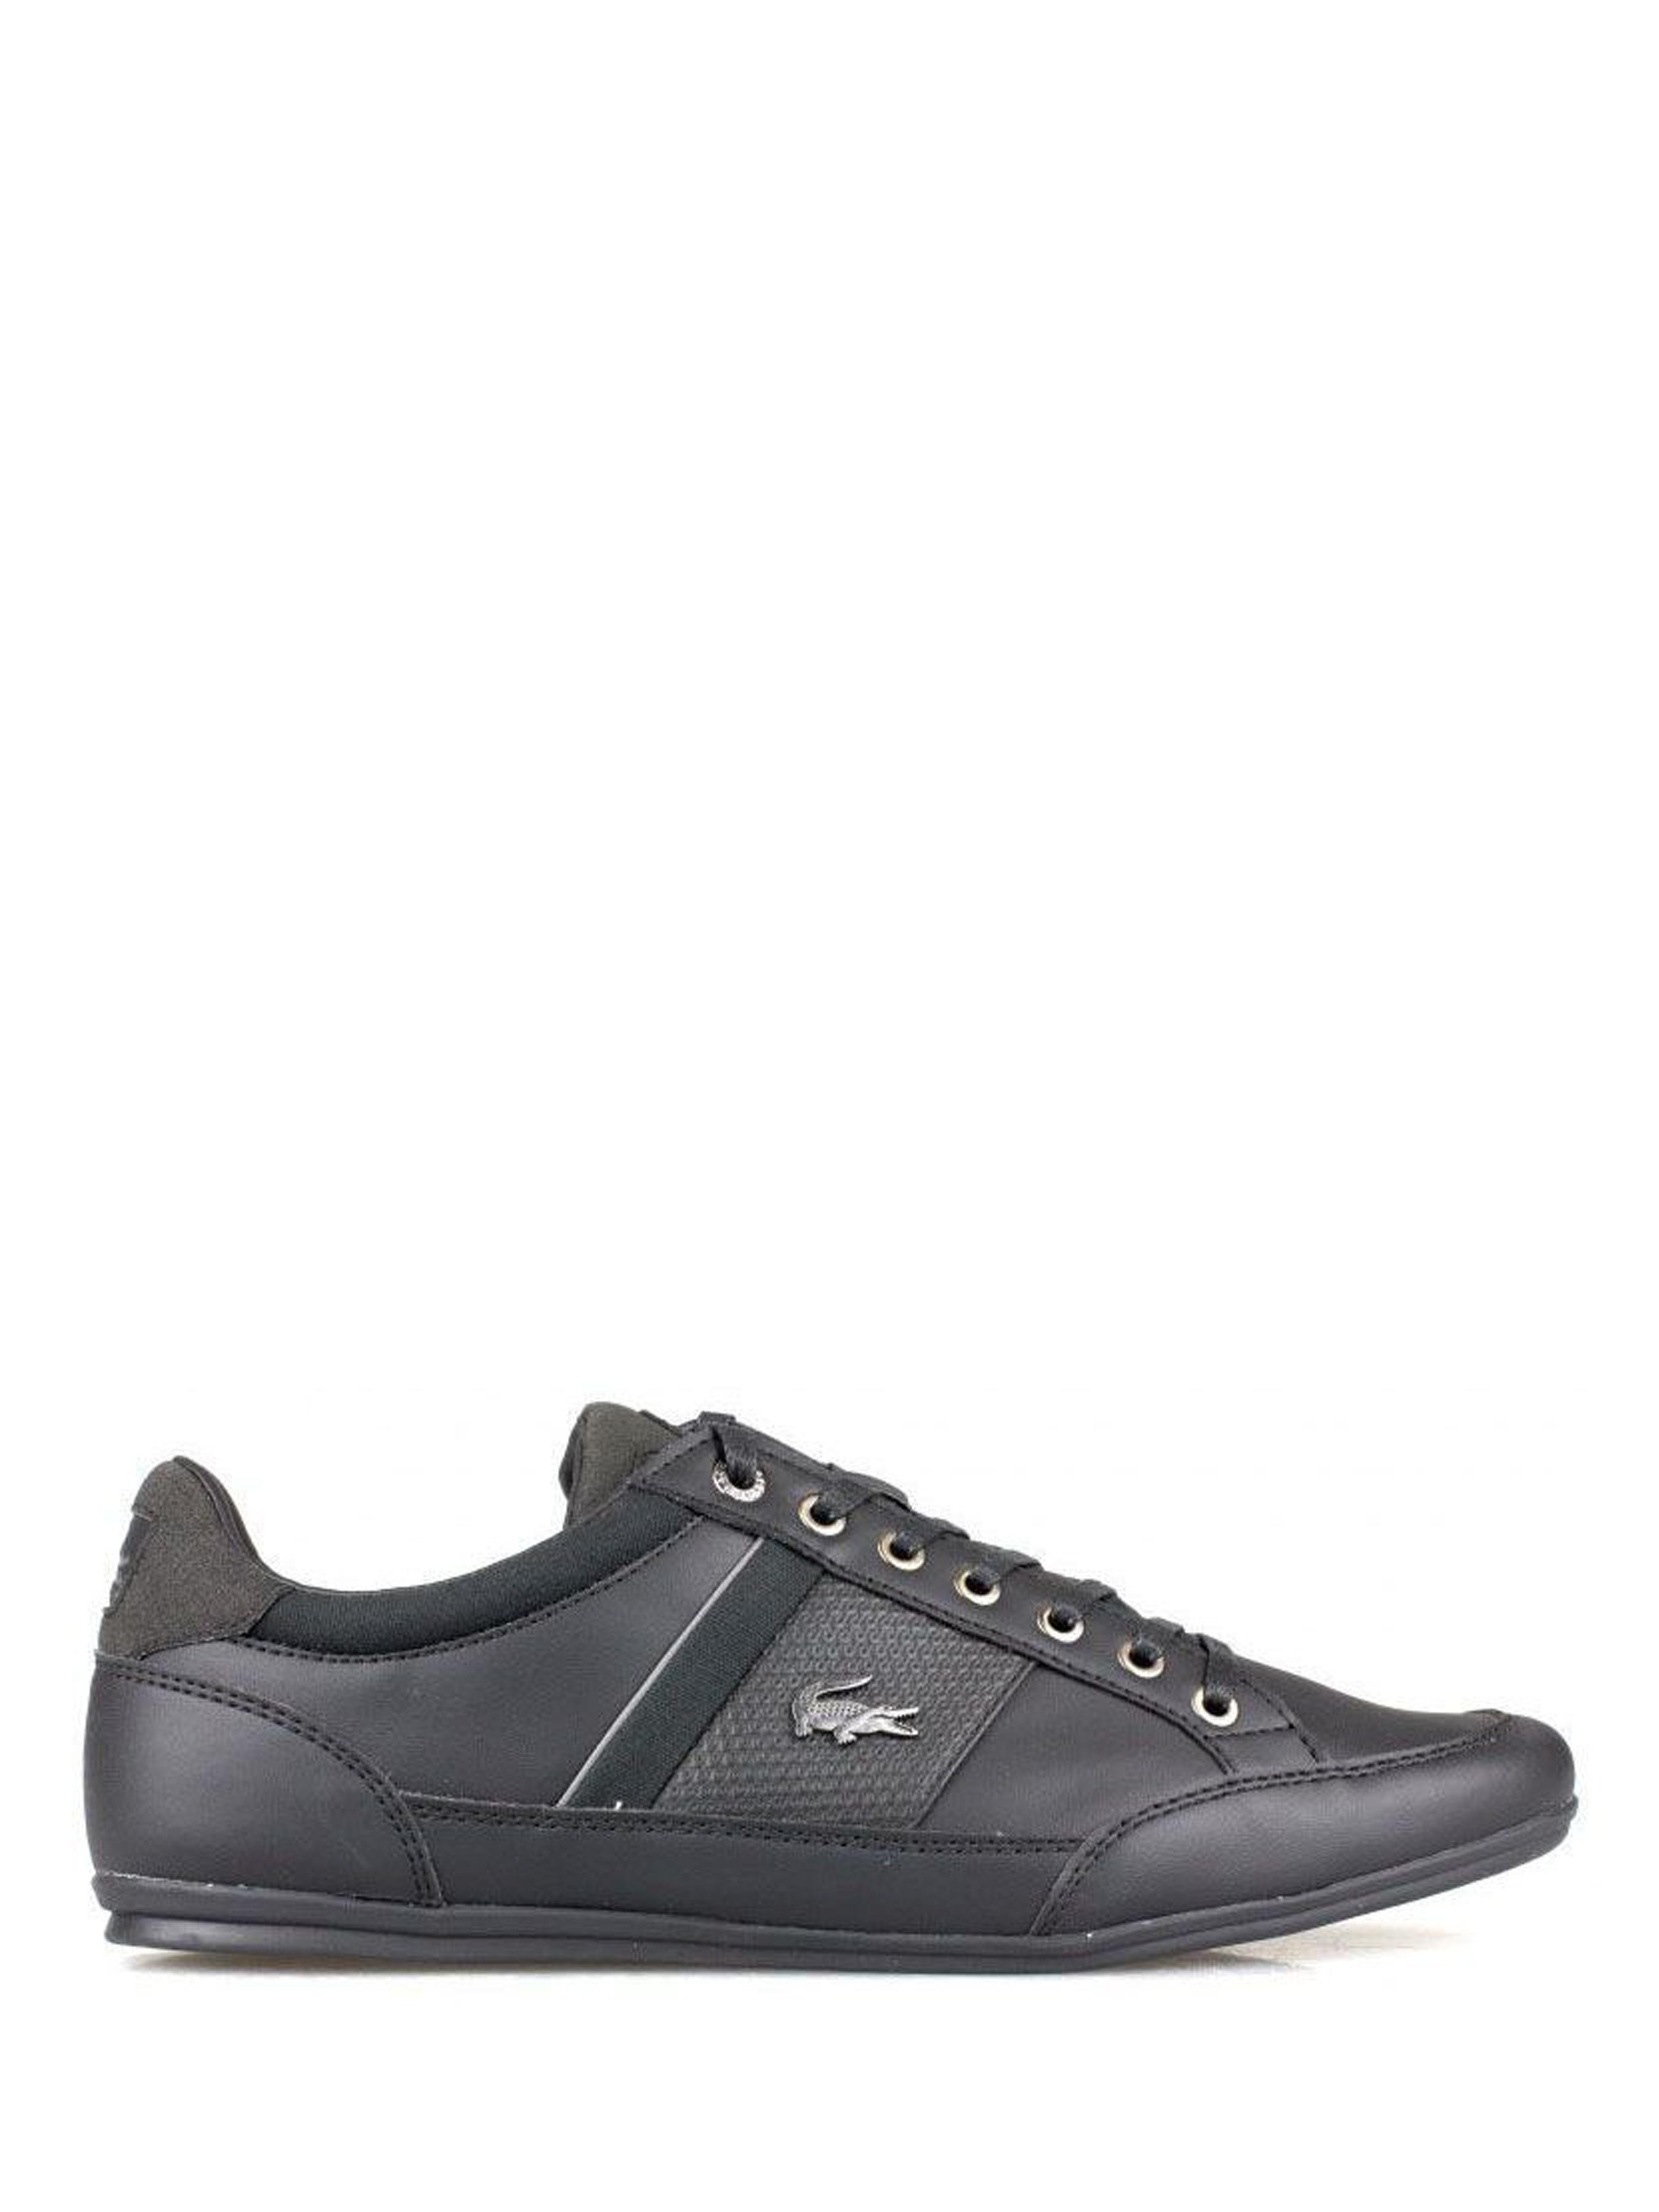 Кроссовки мужские Lacoste LK157 размеры обуви, 2017